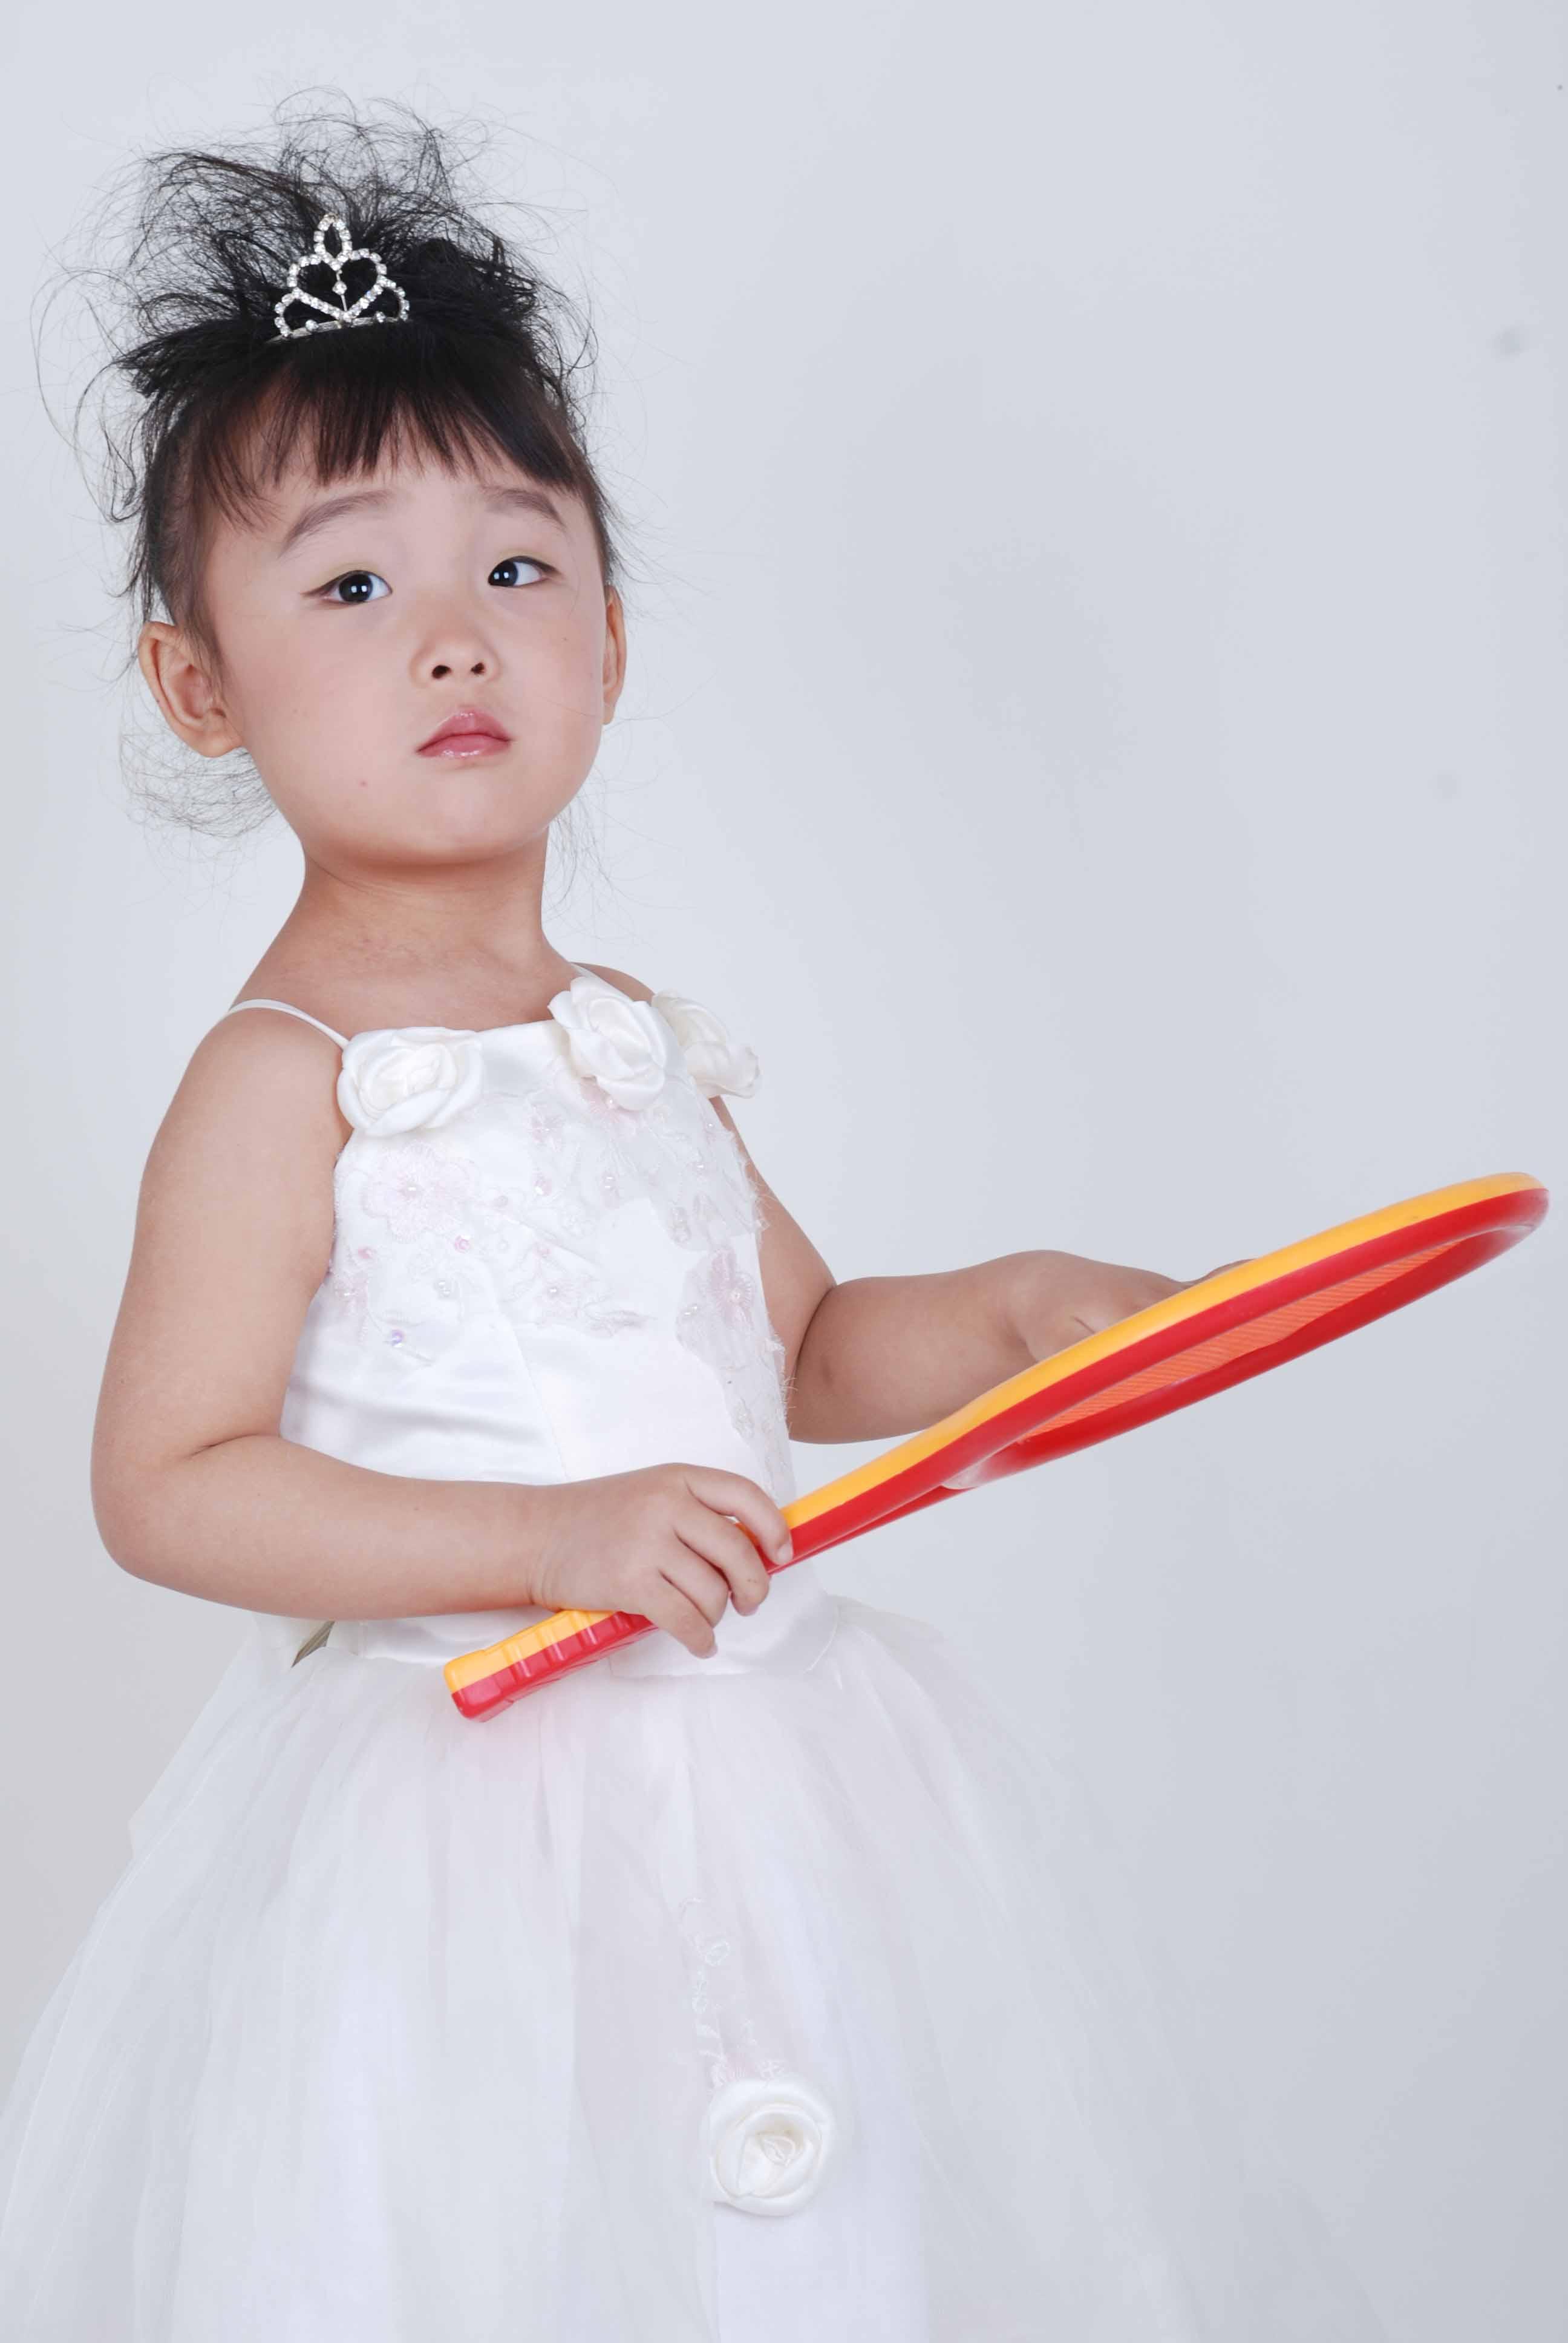 朱佳欣的相册列表 - 儿童模特 - 中国童装网